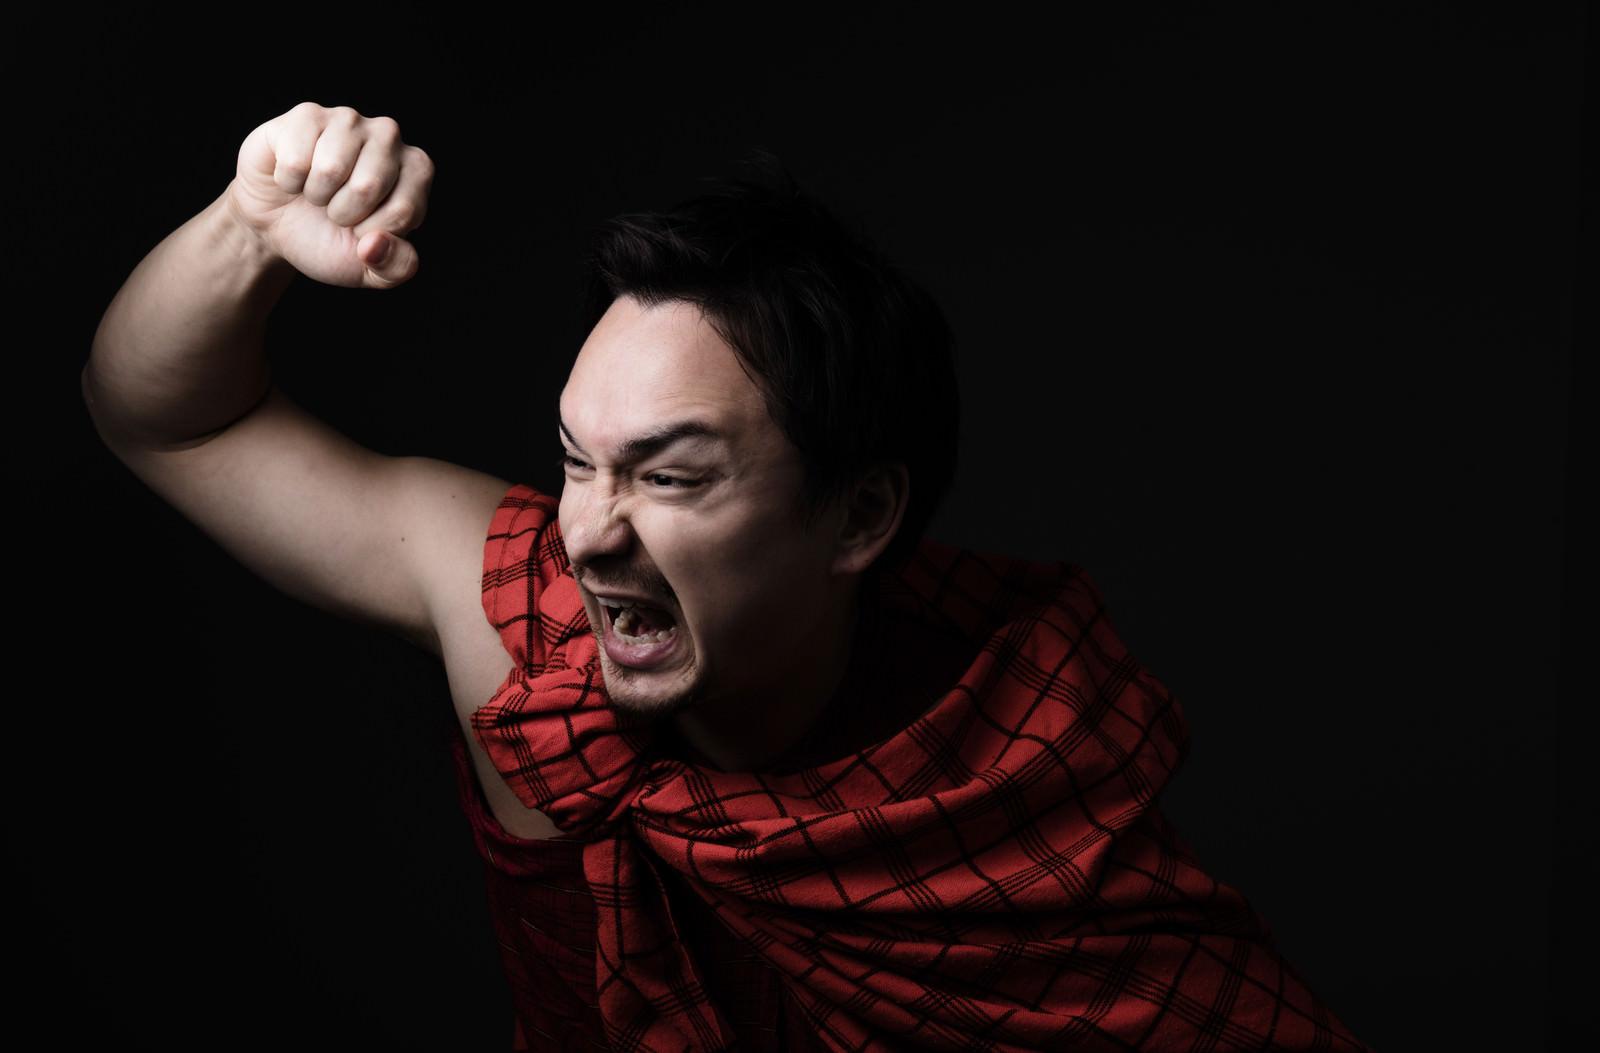 「民族衣装の男性が大声と共に突撃を選んできた | 写真の無料素材・フリー素材 - ぱくたそ」の写真[モデル:Max_Ezaki]